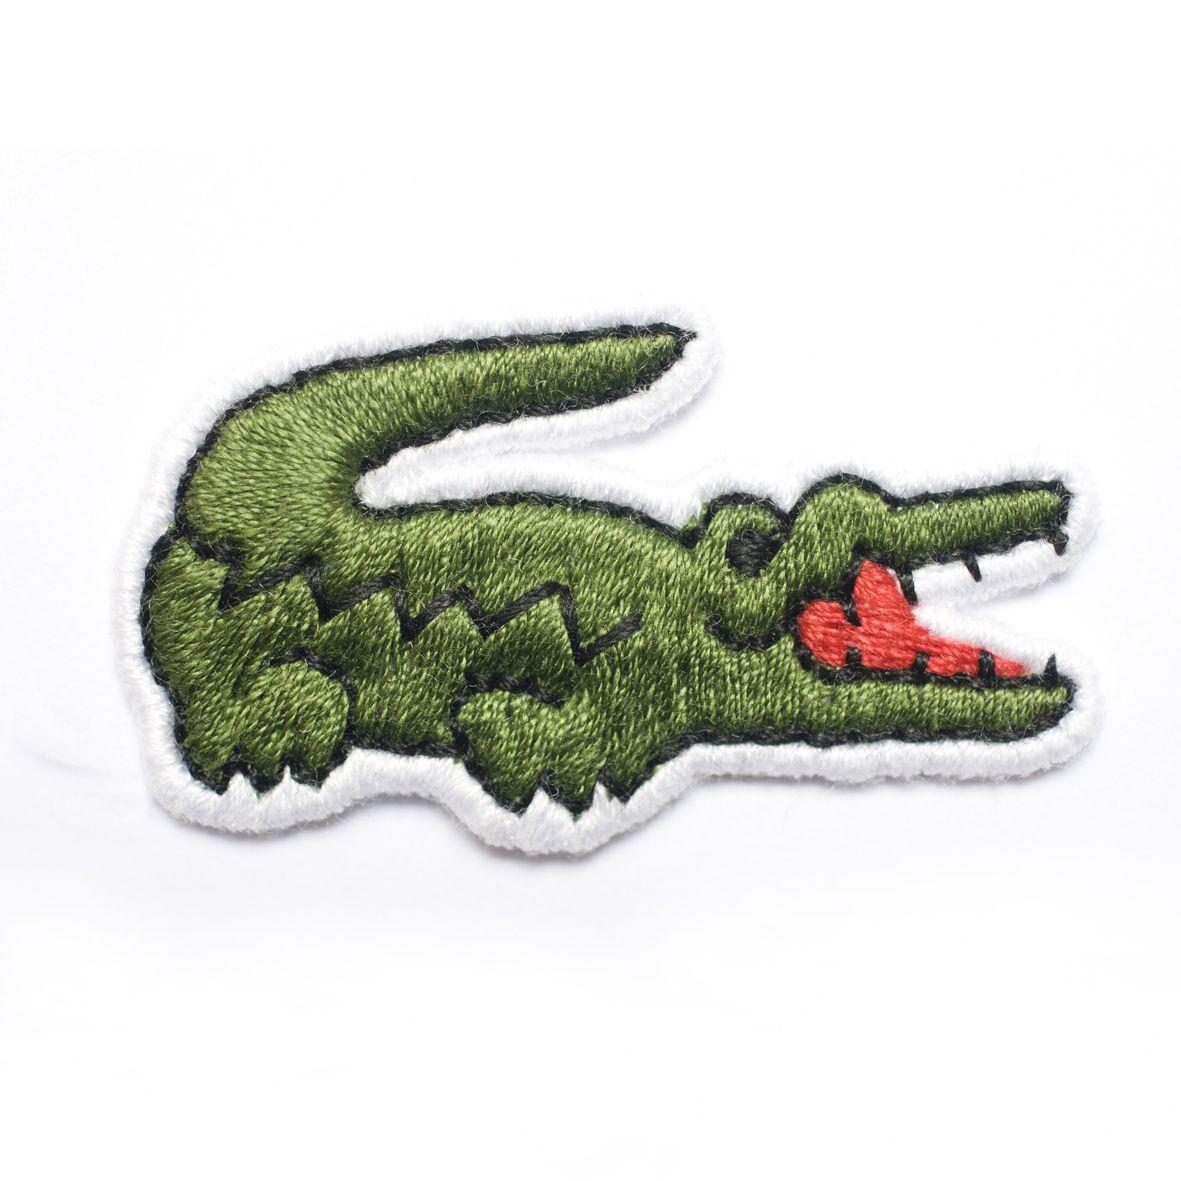 acecdda2264bb SoCute the  Lacoste  croc